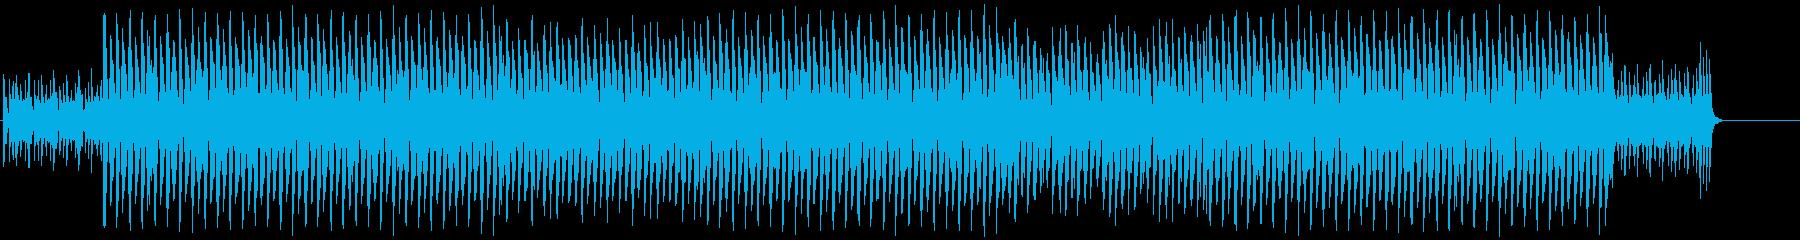 情熱的で躍動感のあるラテンロックの再生済みの波形